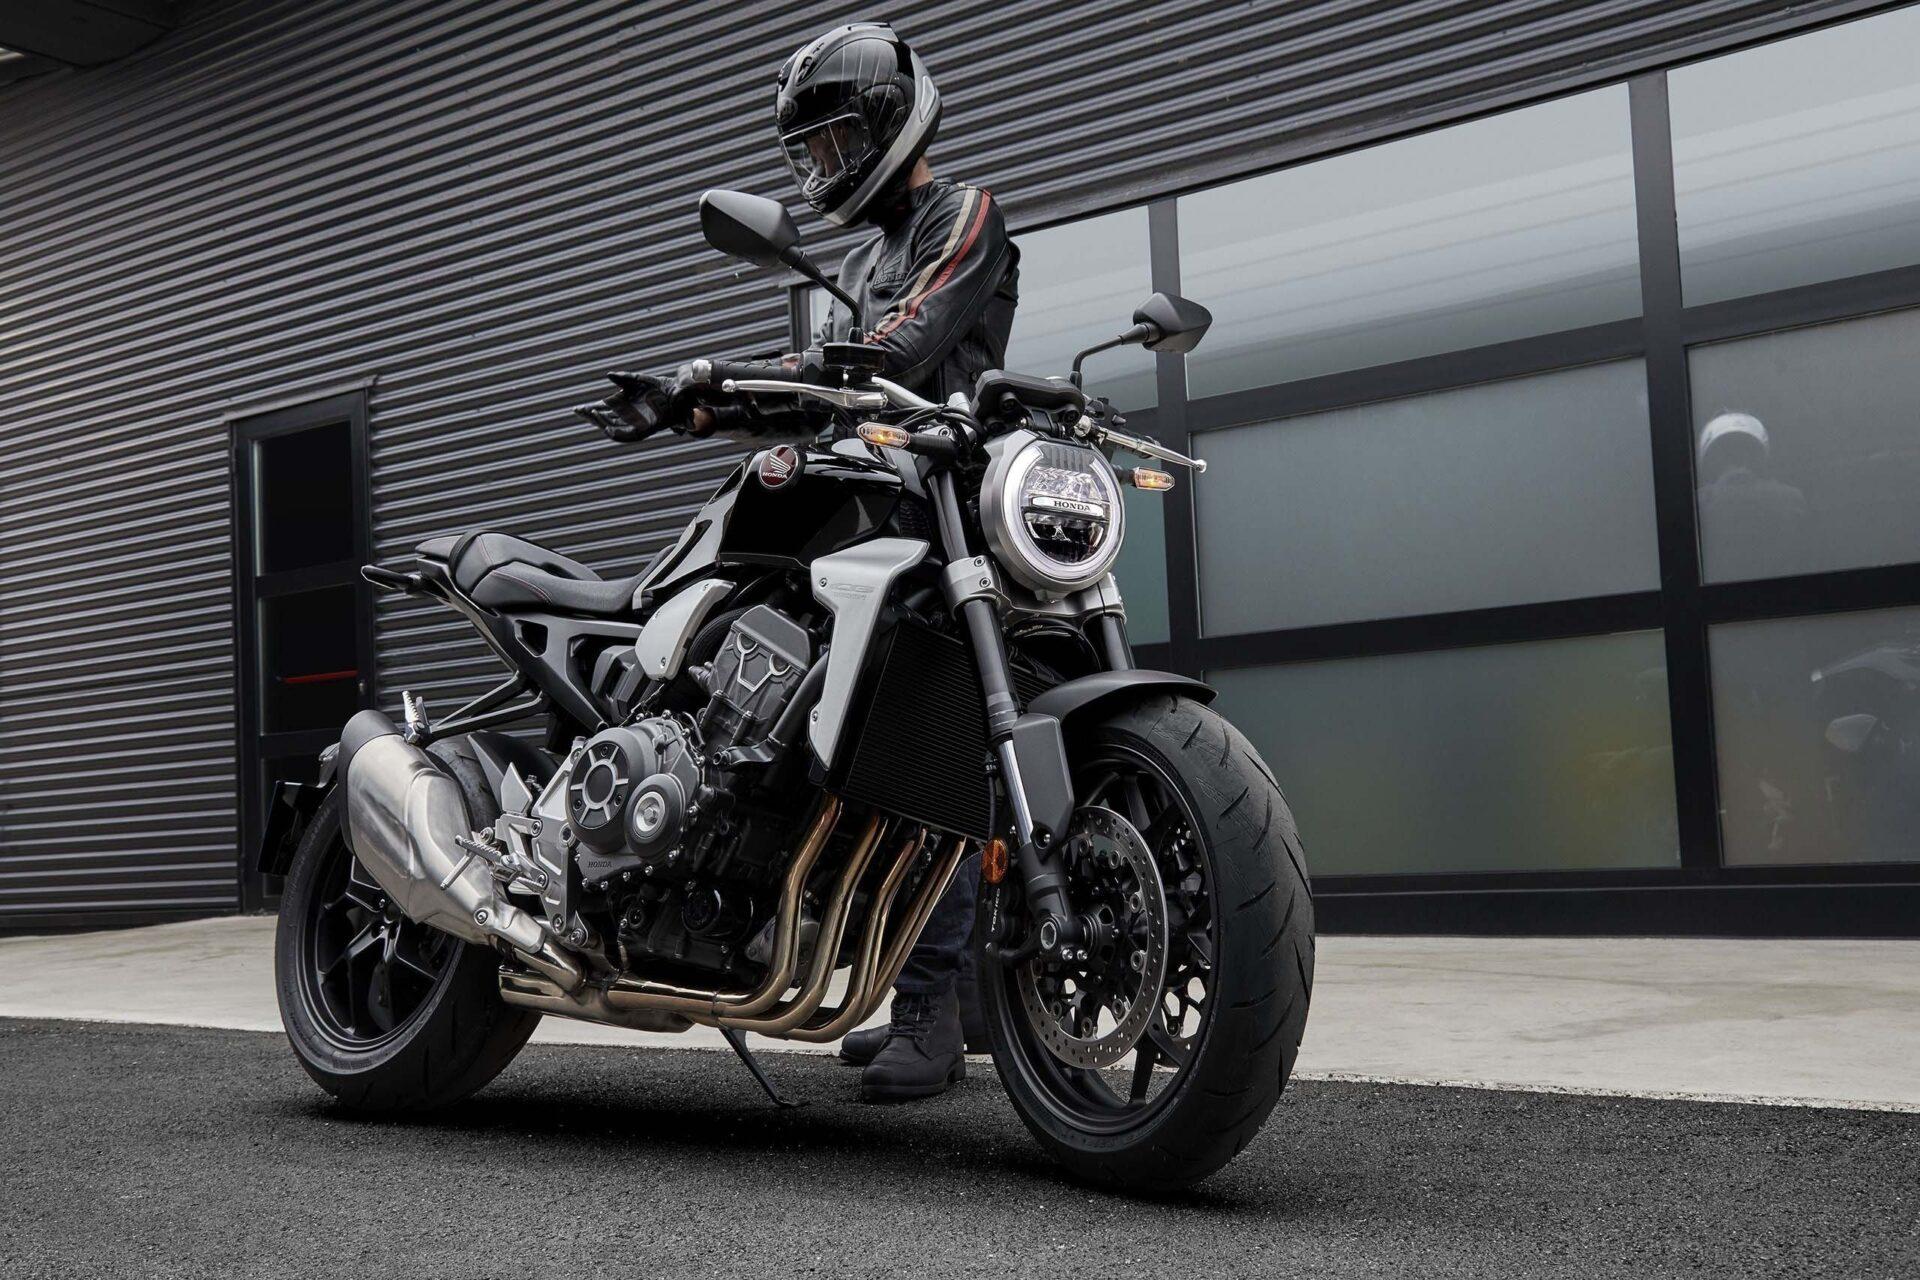 ネオレトロ丸目ネイキッド、Honda「CB1000R」を高解像度写真でチェック!